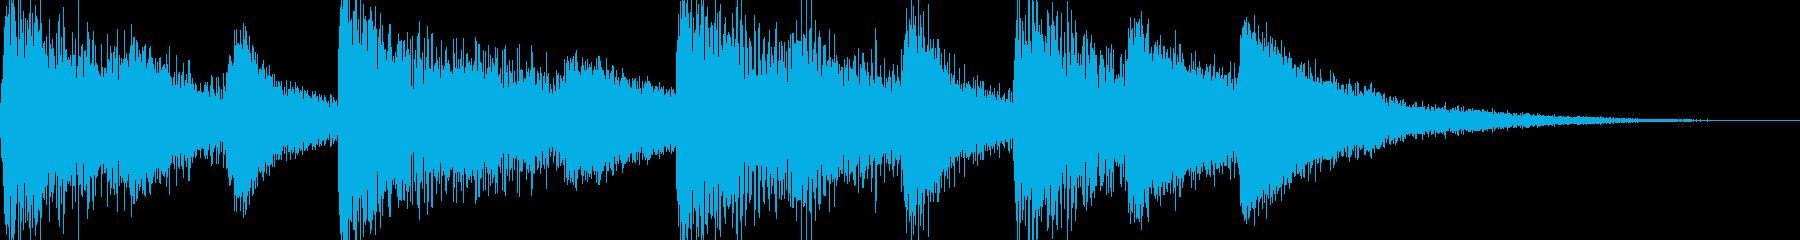 シンプルなジングル【ピアノ】その9です。の再生済みの波形